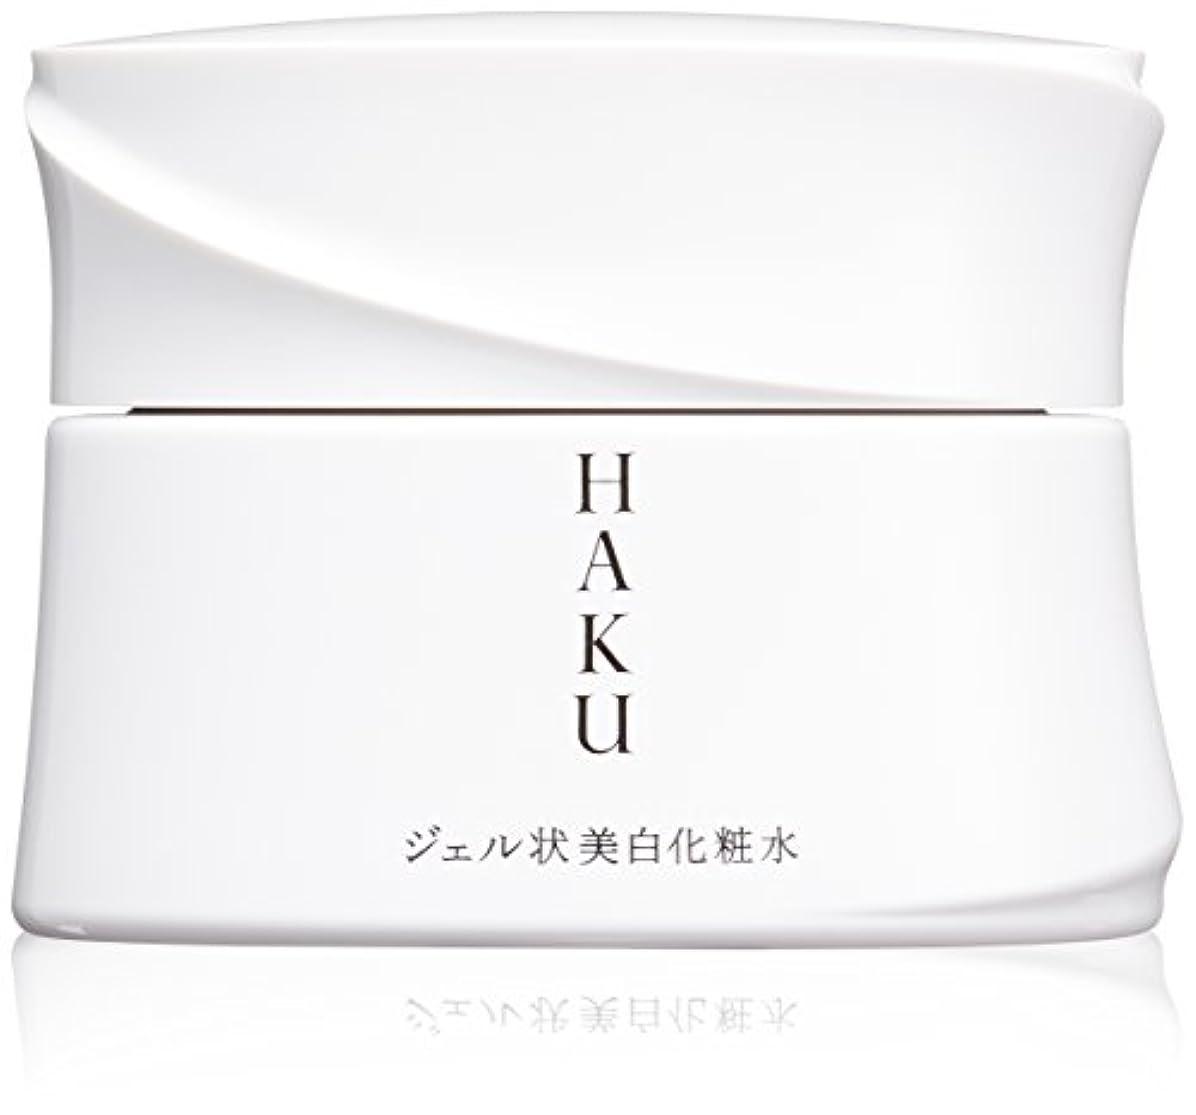 きしむ見積り絞るHAKU メラノディープモイスチャー 美白化粧水 100g 【医薬部外品】